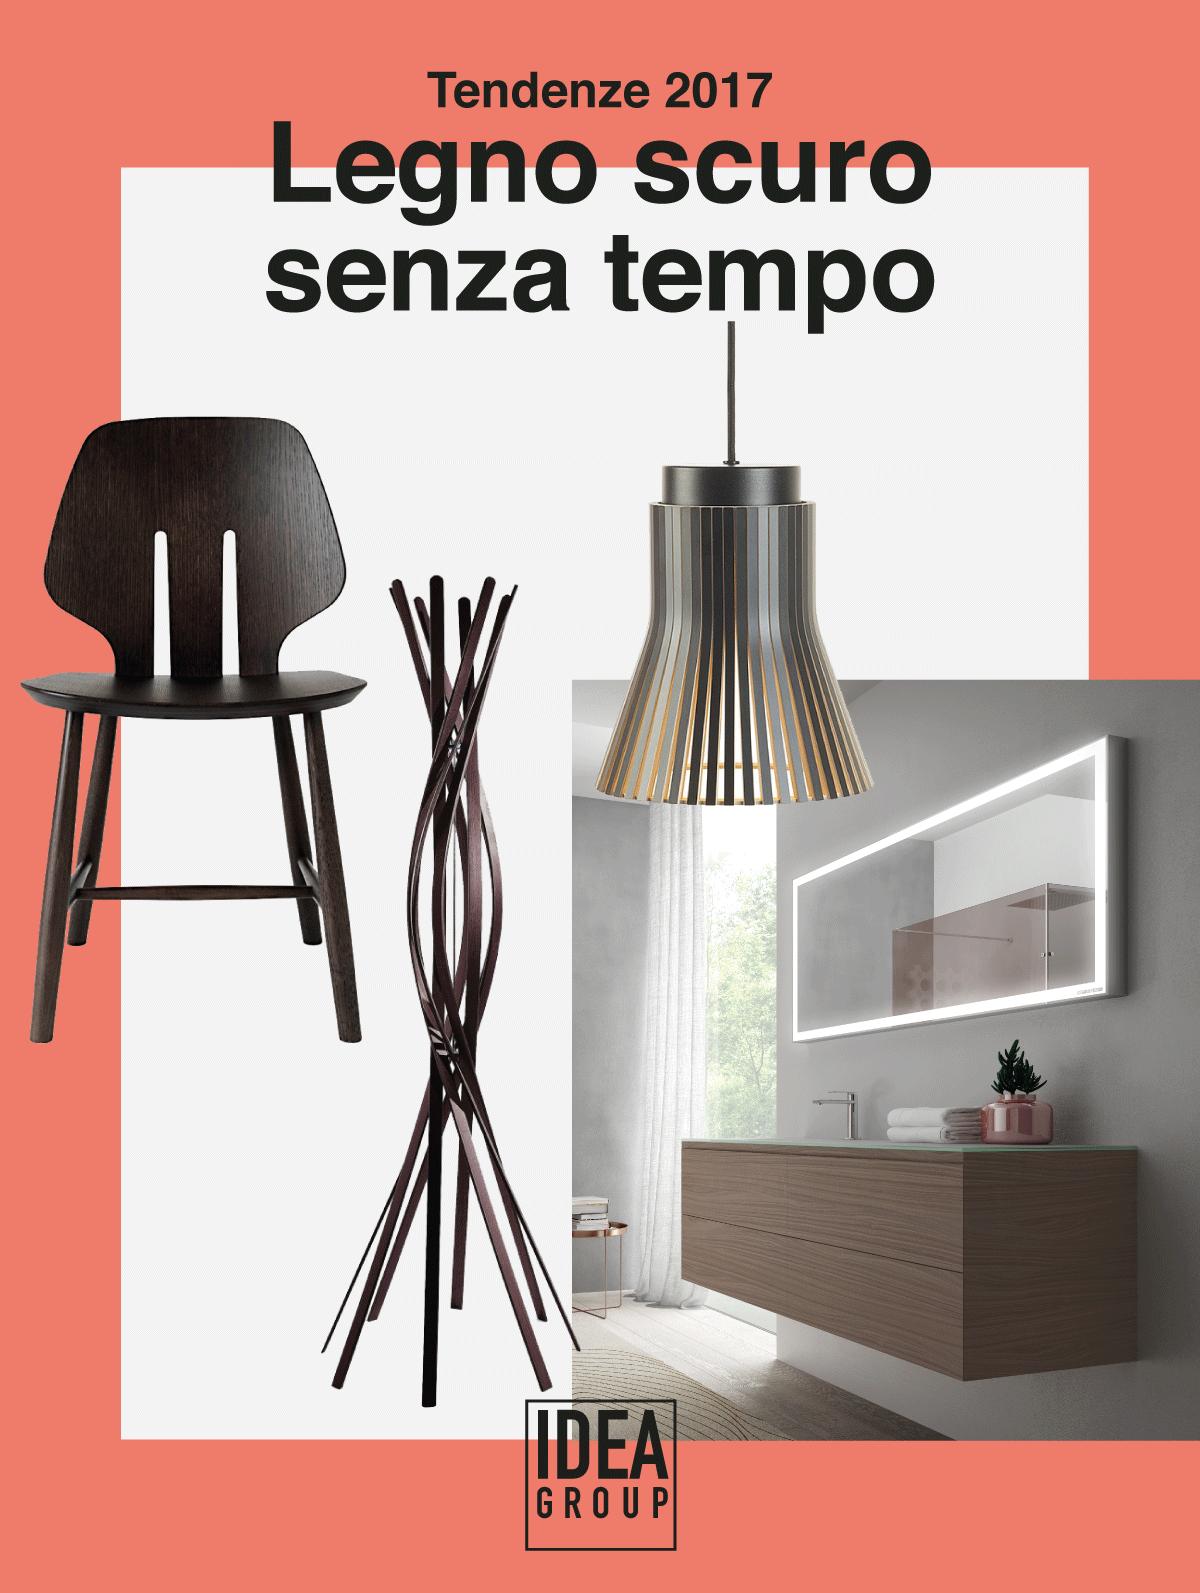 Arredamento in legno per le tendenze 2017 ideagroup blog for Tendenze arredamento 2017